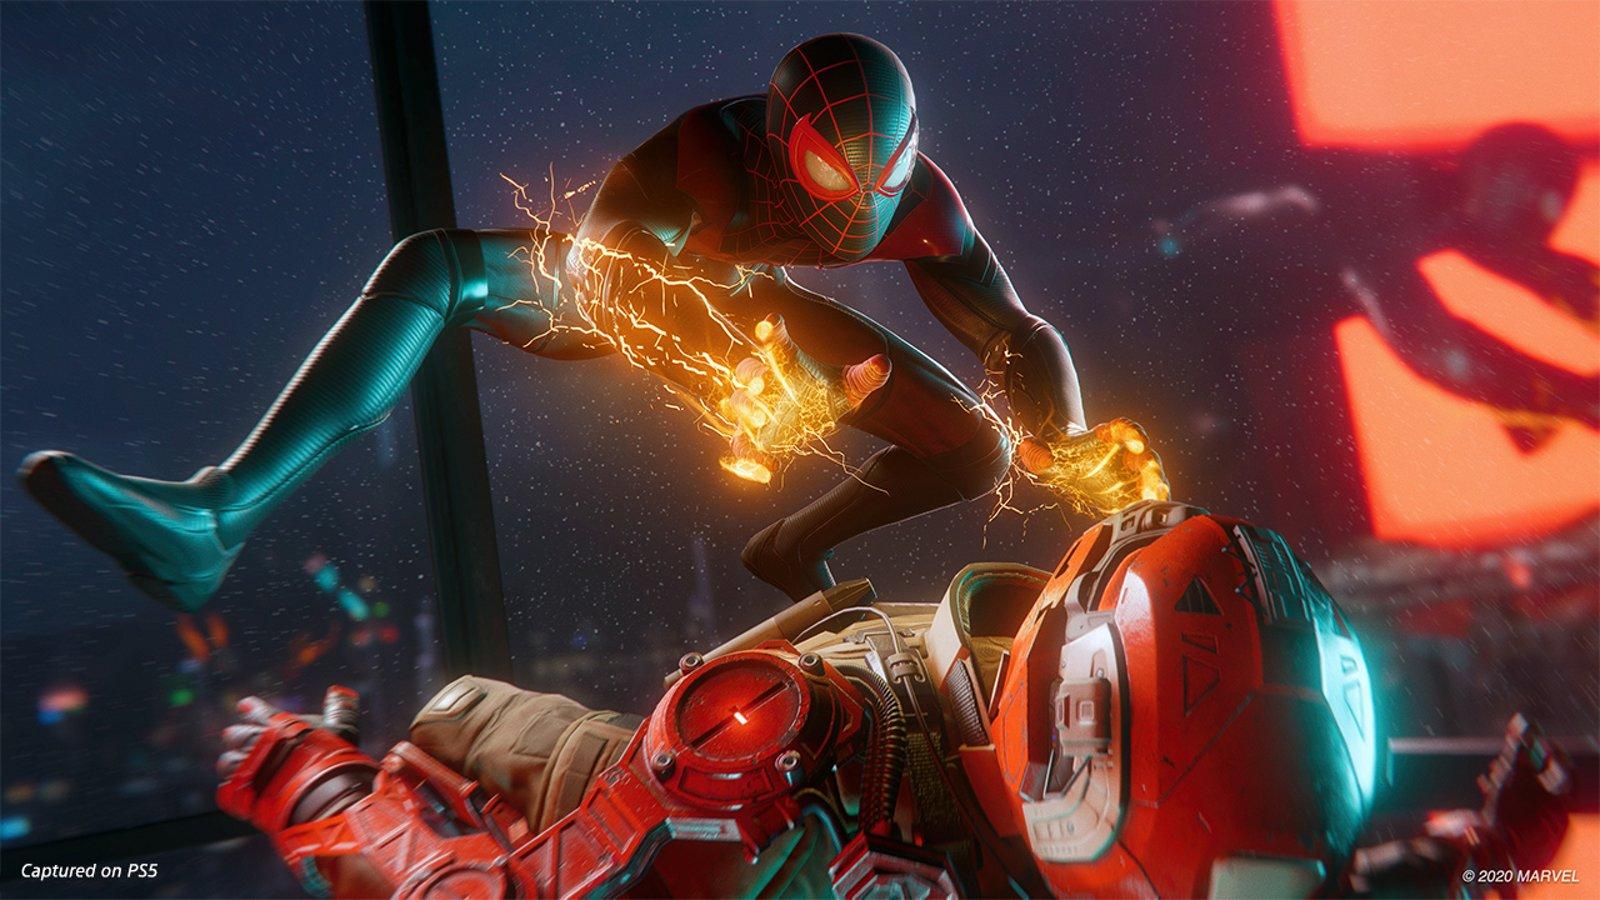 ps5-spiderman-video-thumb-block-8-en-110620